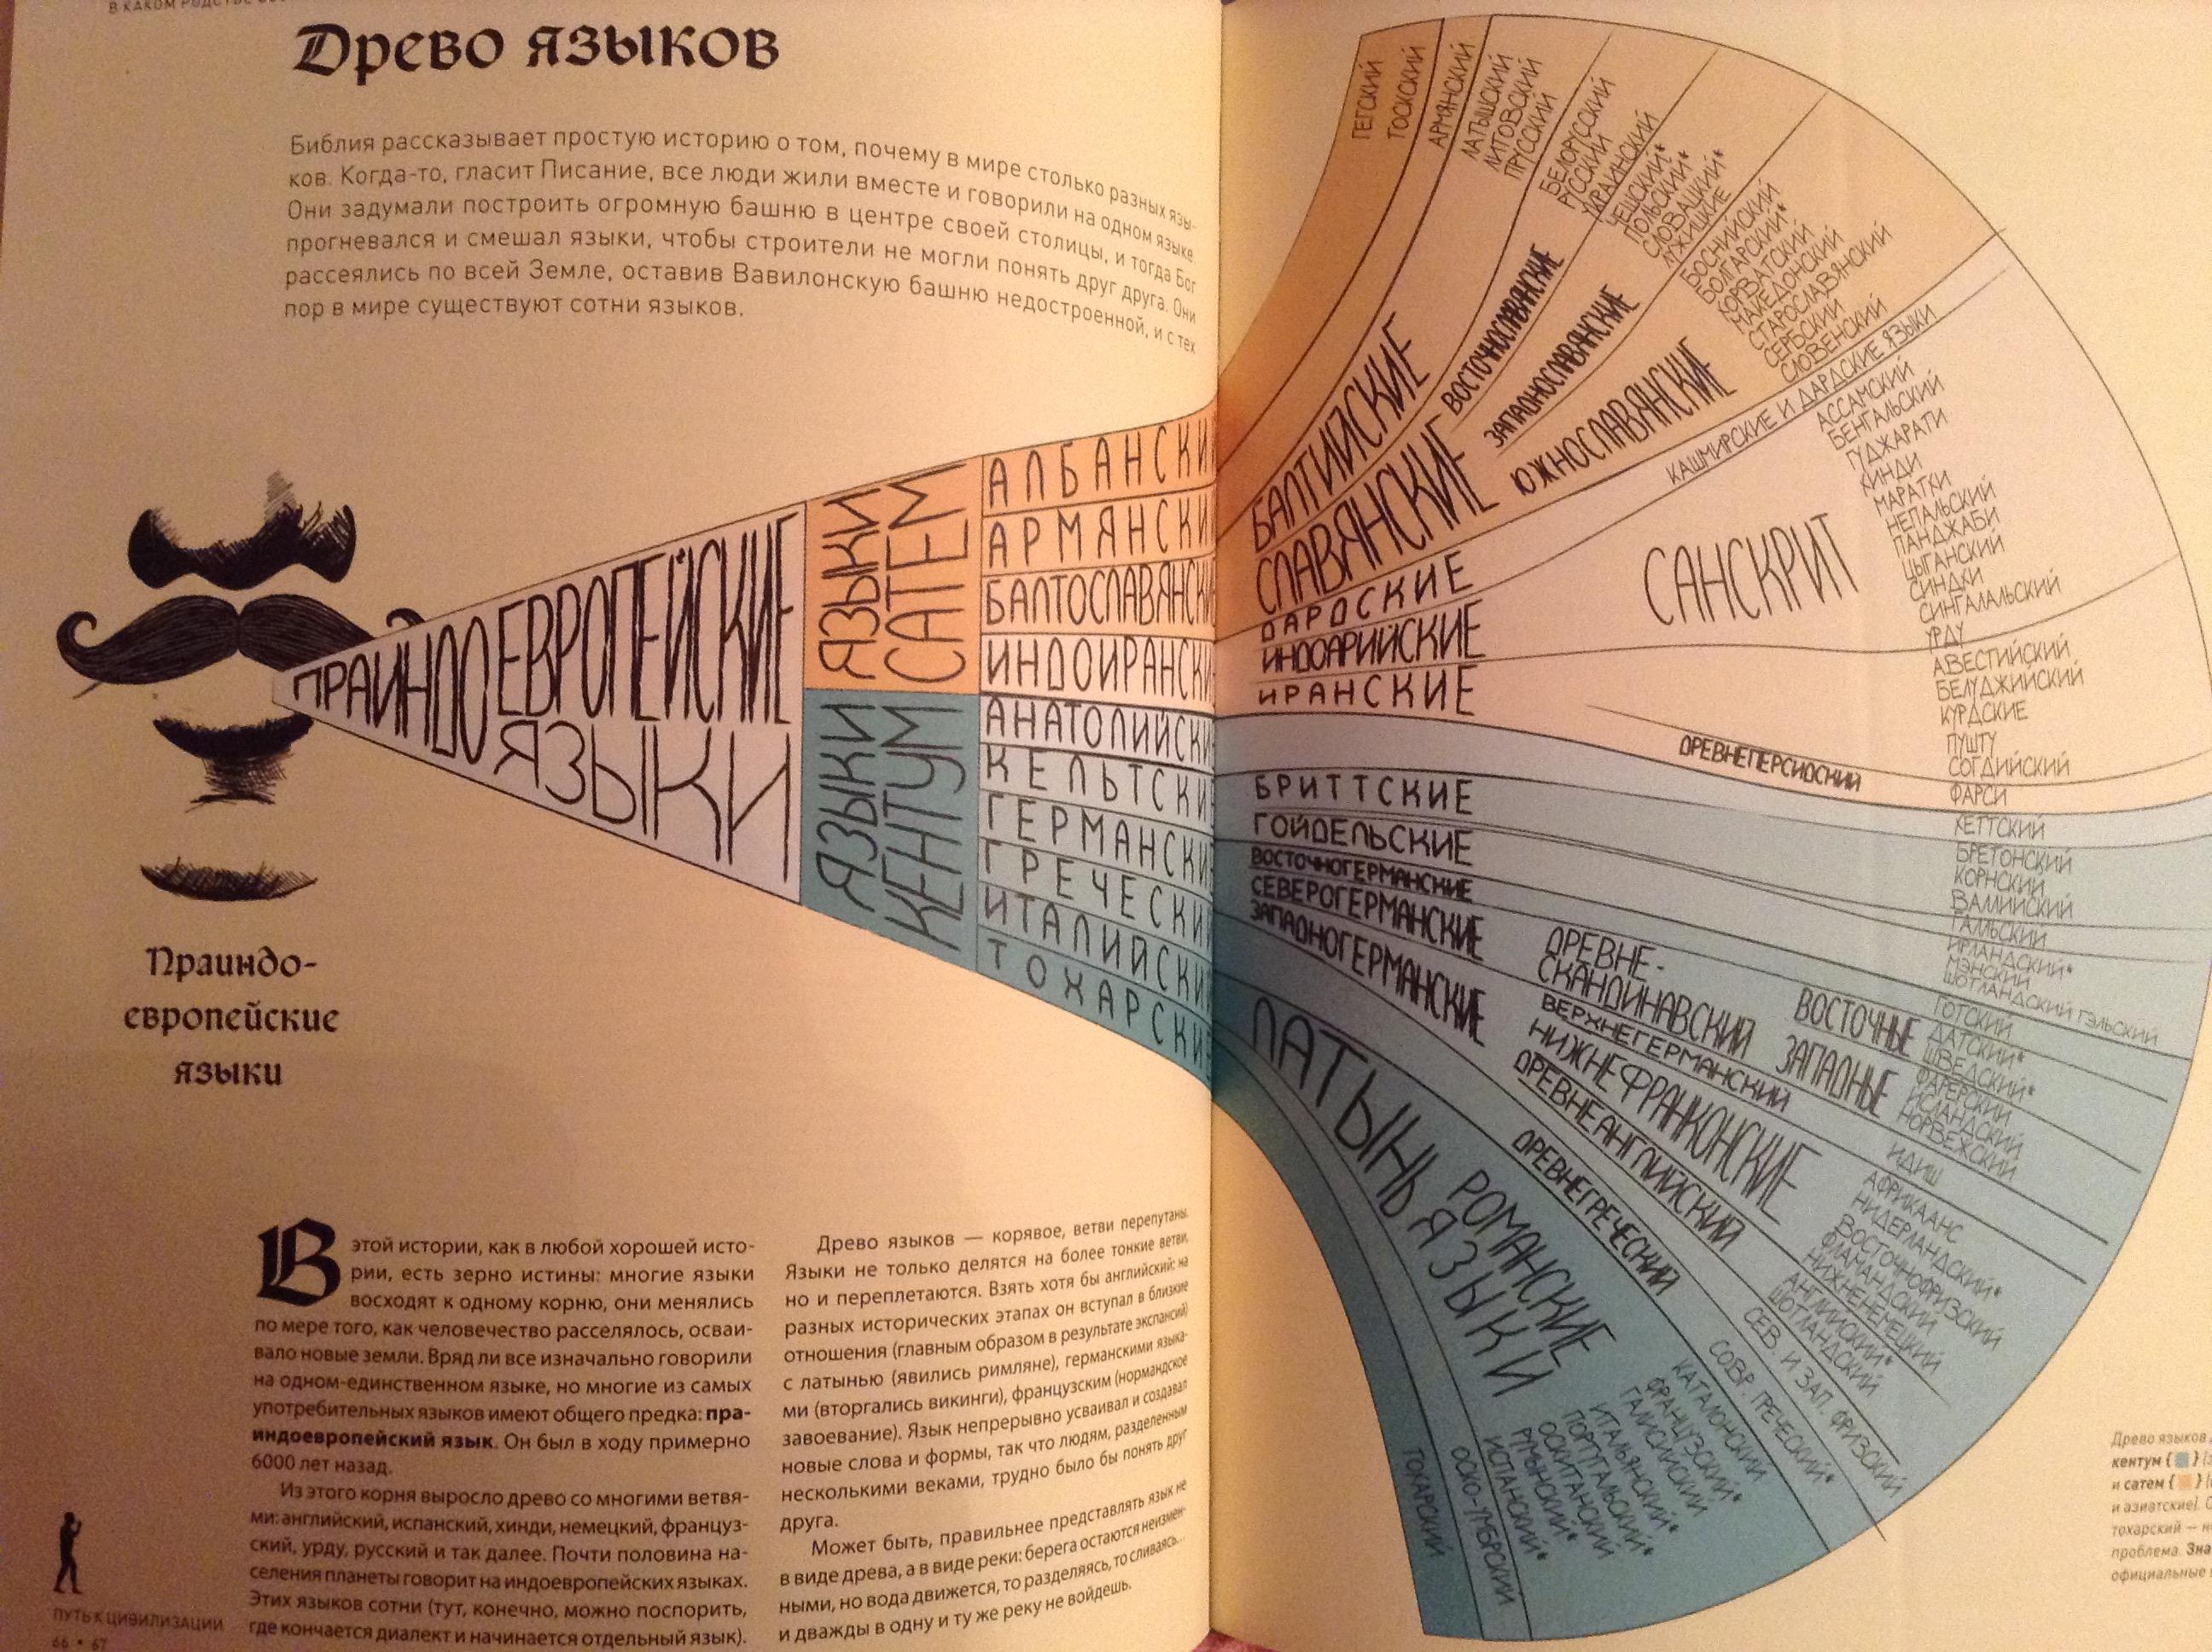 Картинки по запросу «История мира в инфографике», Джеймс Болл